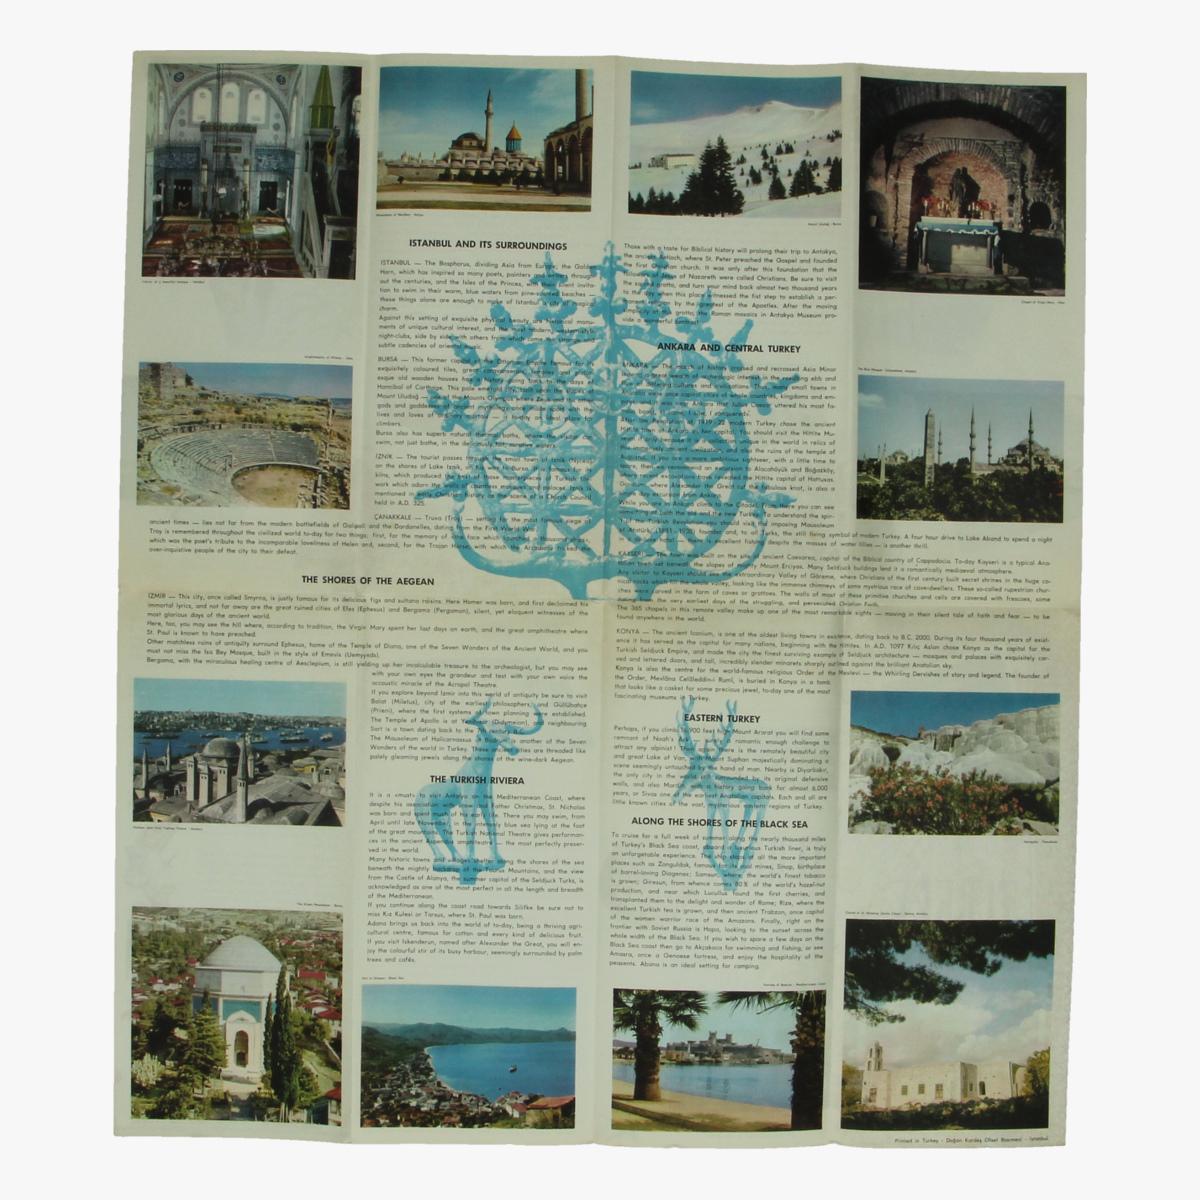 Afbeeldingen van expo 58 folder turkey broadcasting & tourism